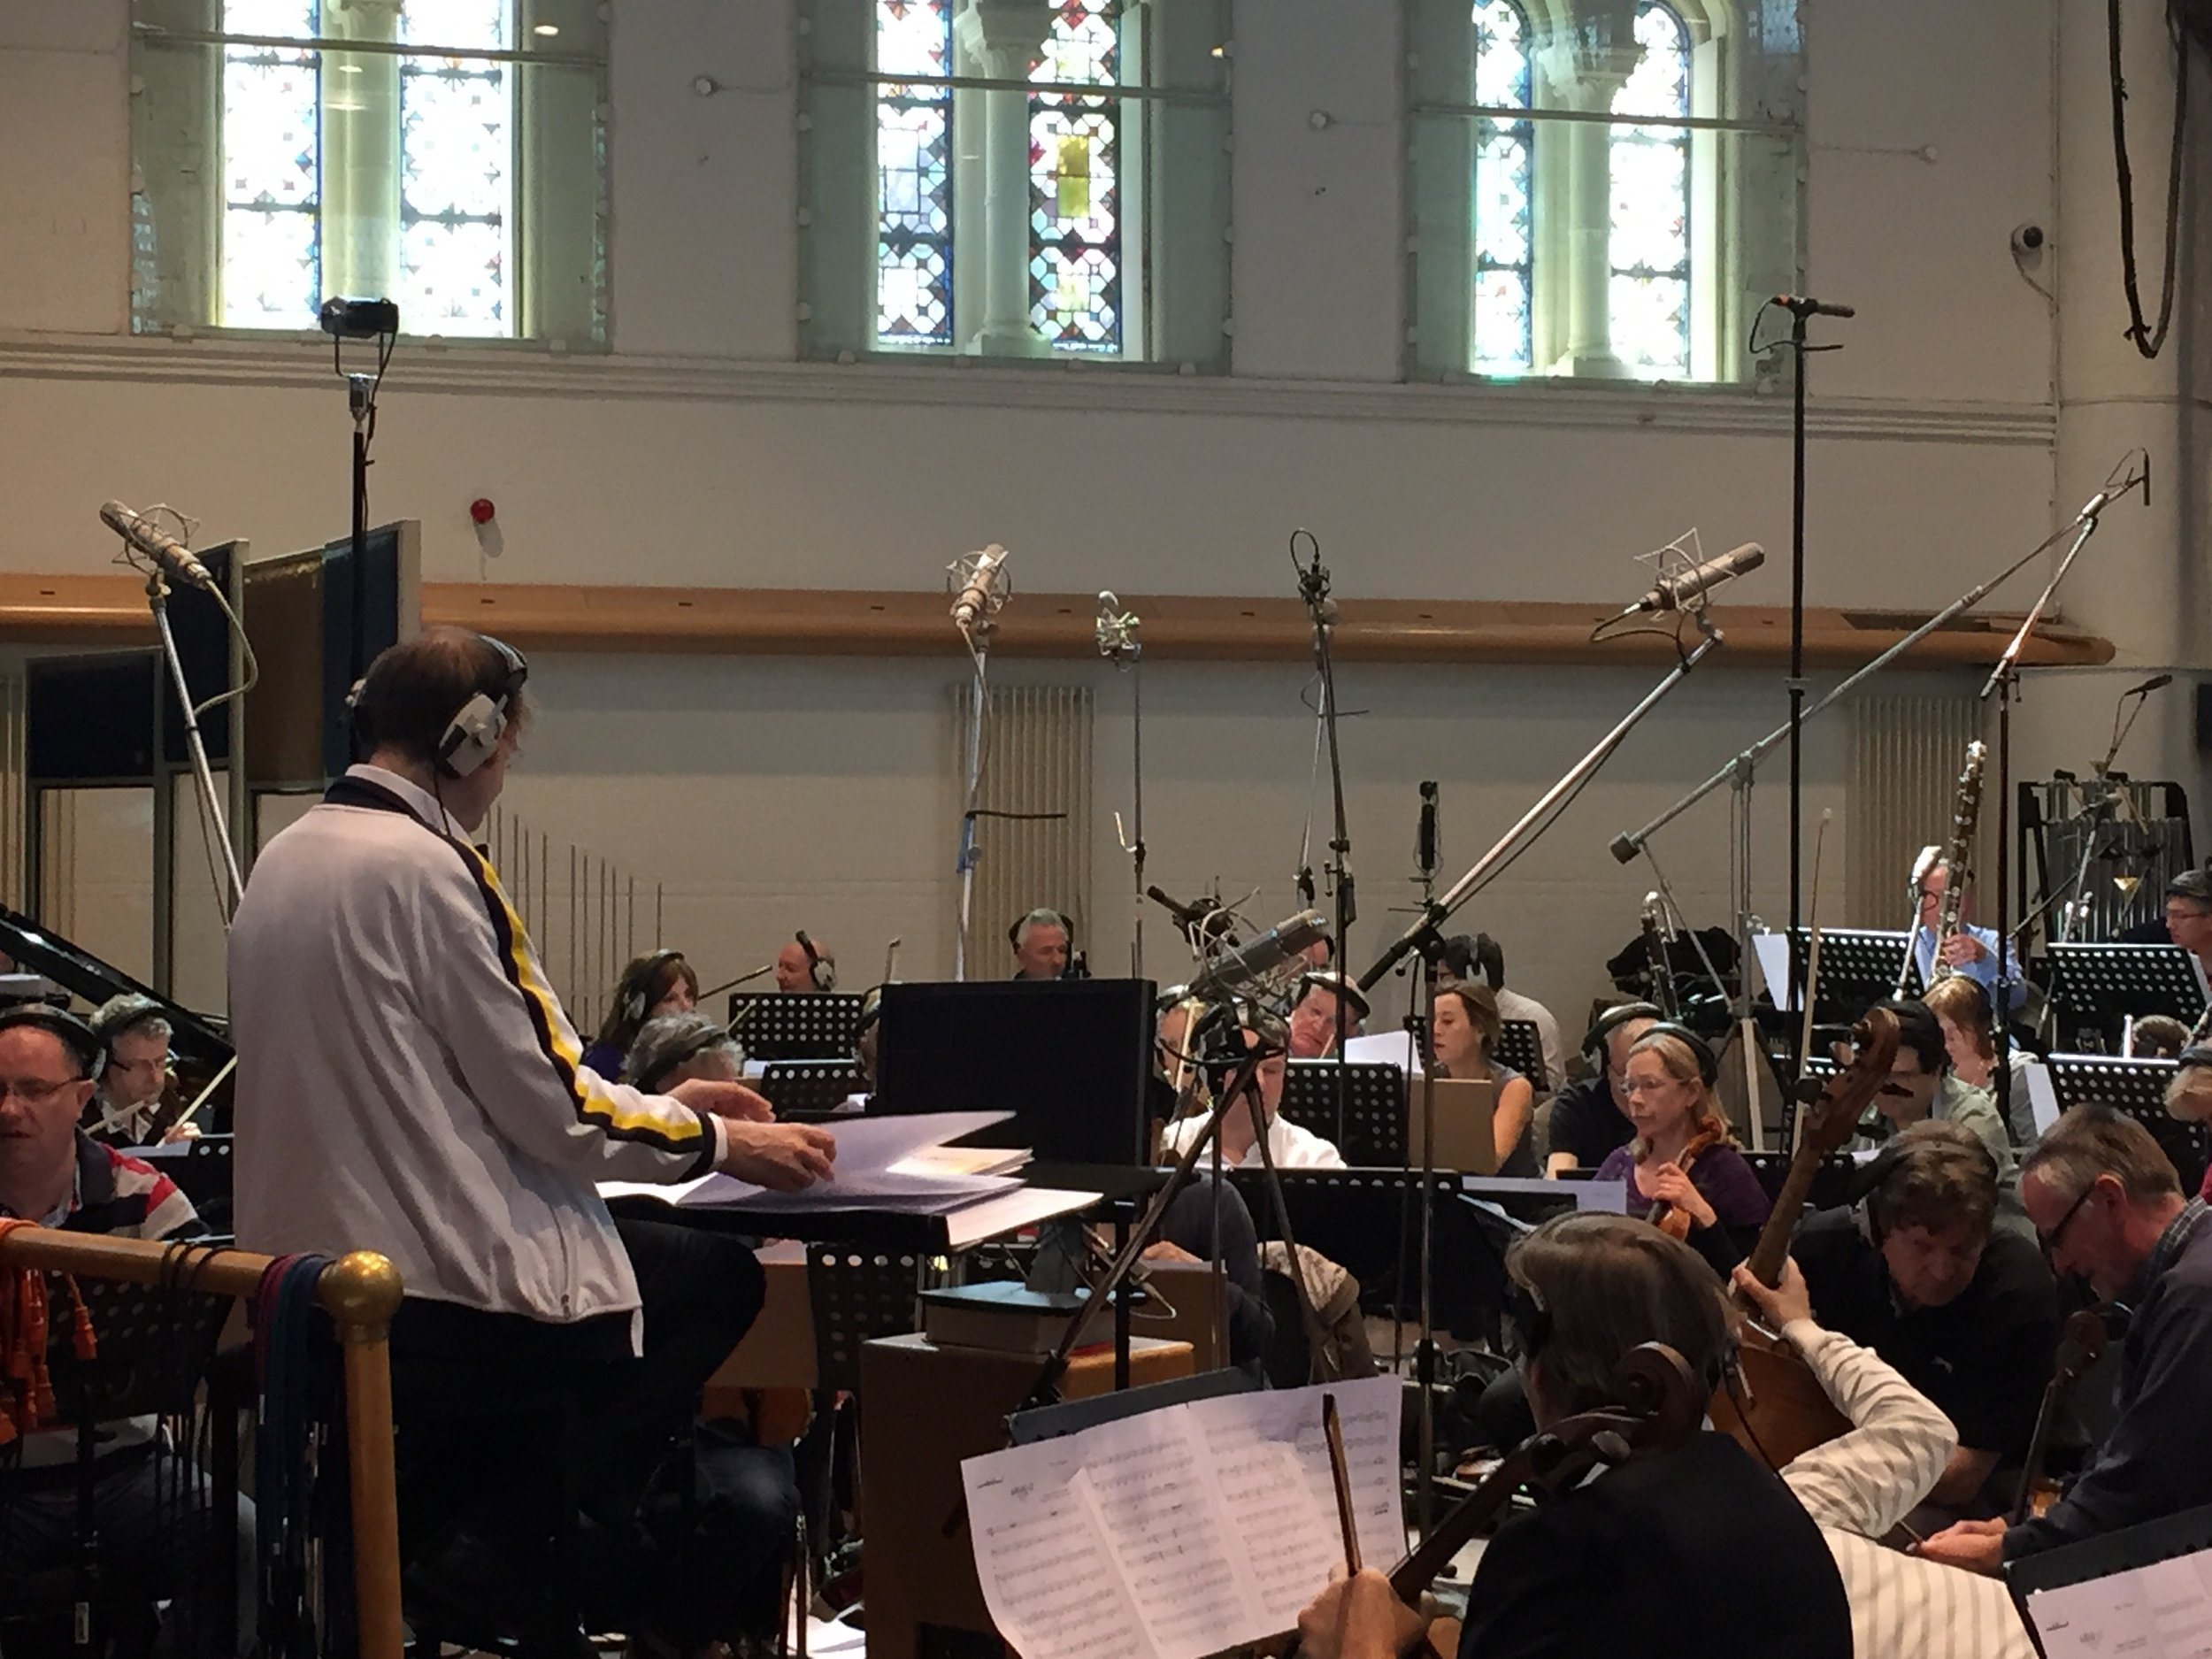 Kaska Conducting at Air Studios